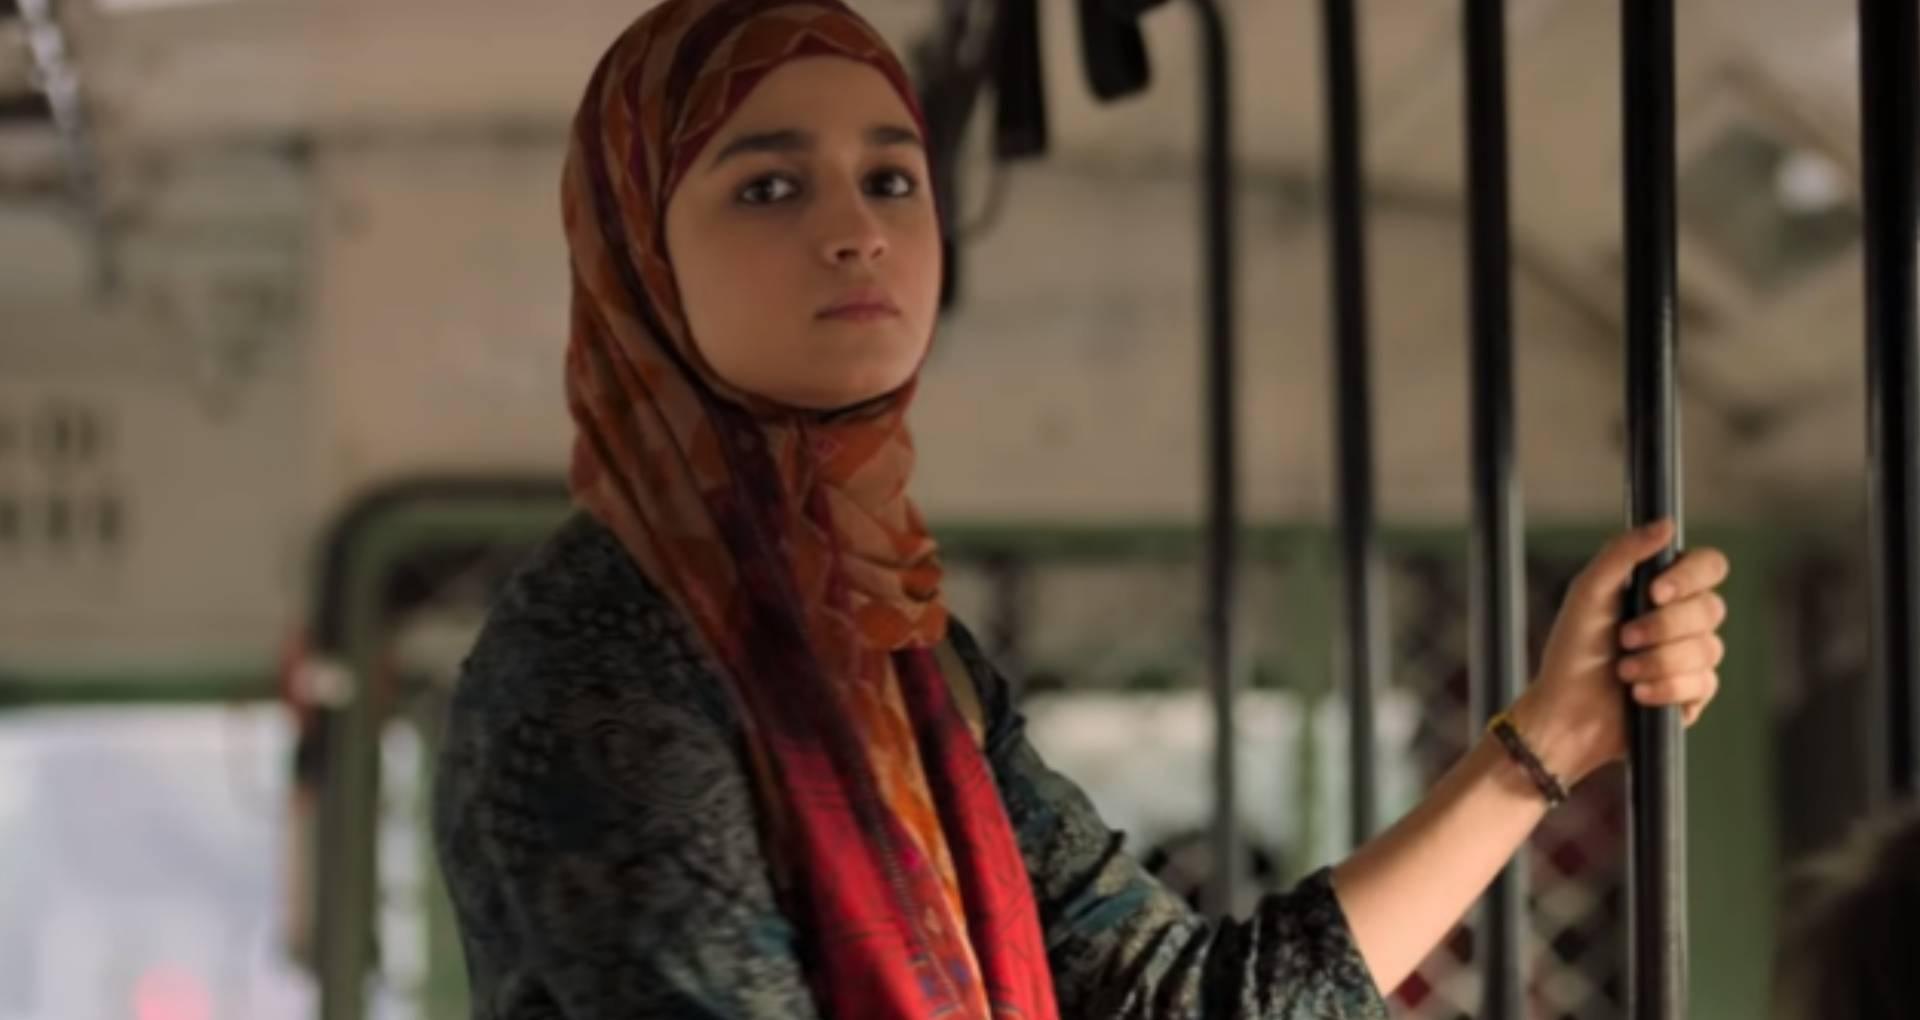 Gully Boy का ट्रेलर देख महेश भट्ट ने किया कमेंट, आलिया को सोशल मीडिया पर बताया 'गुंडी'